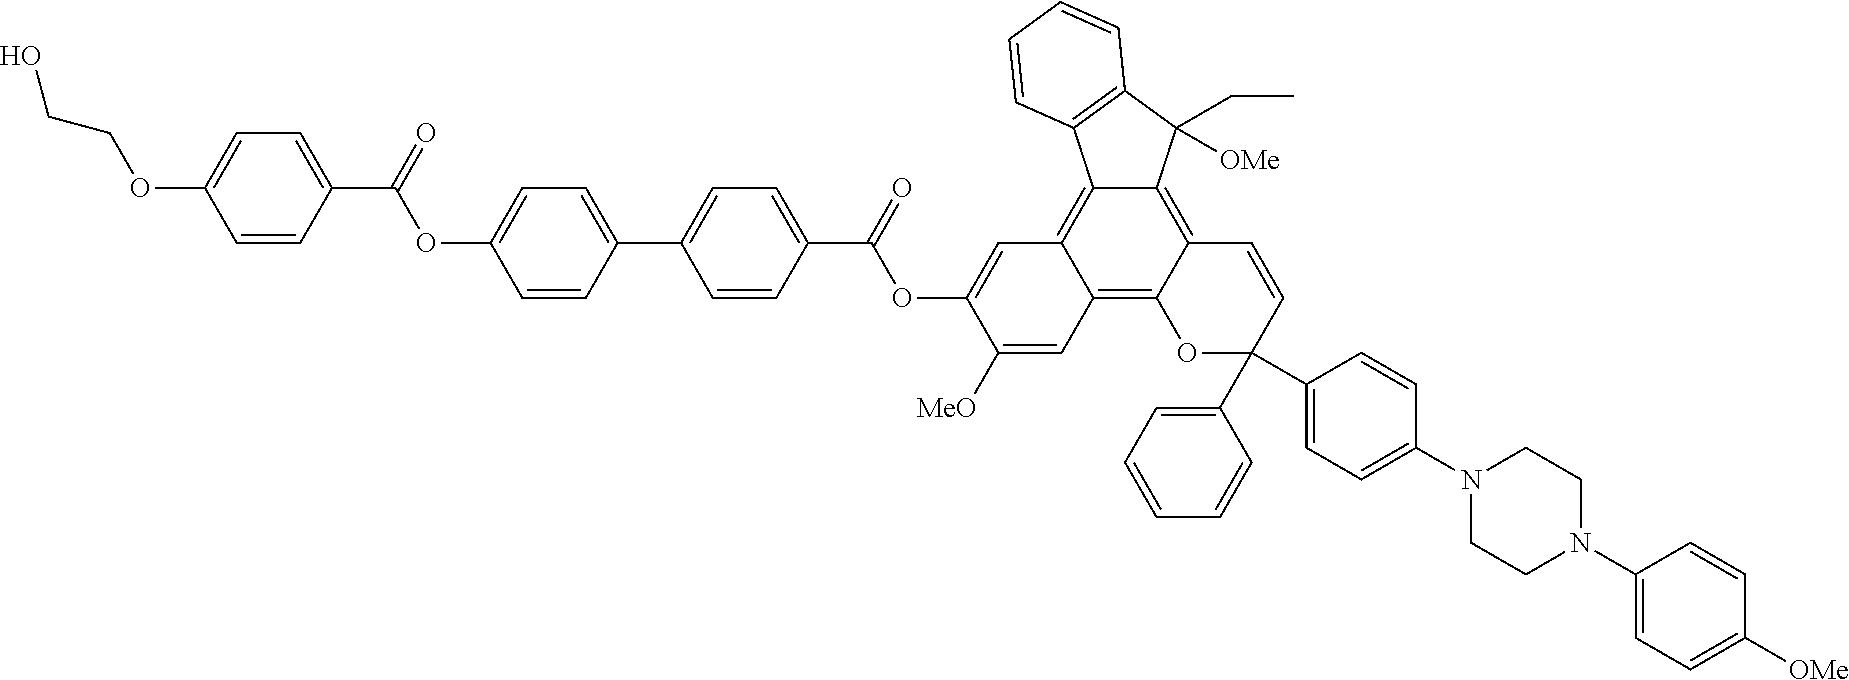 Figure US08518546-20130827-C00030